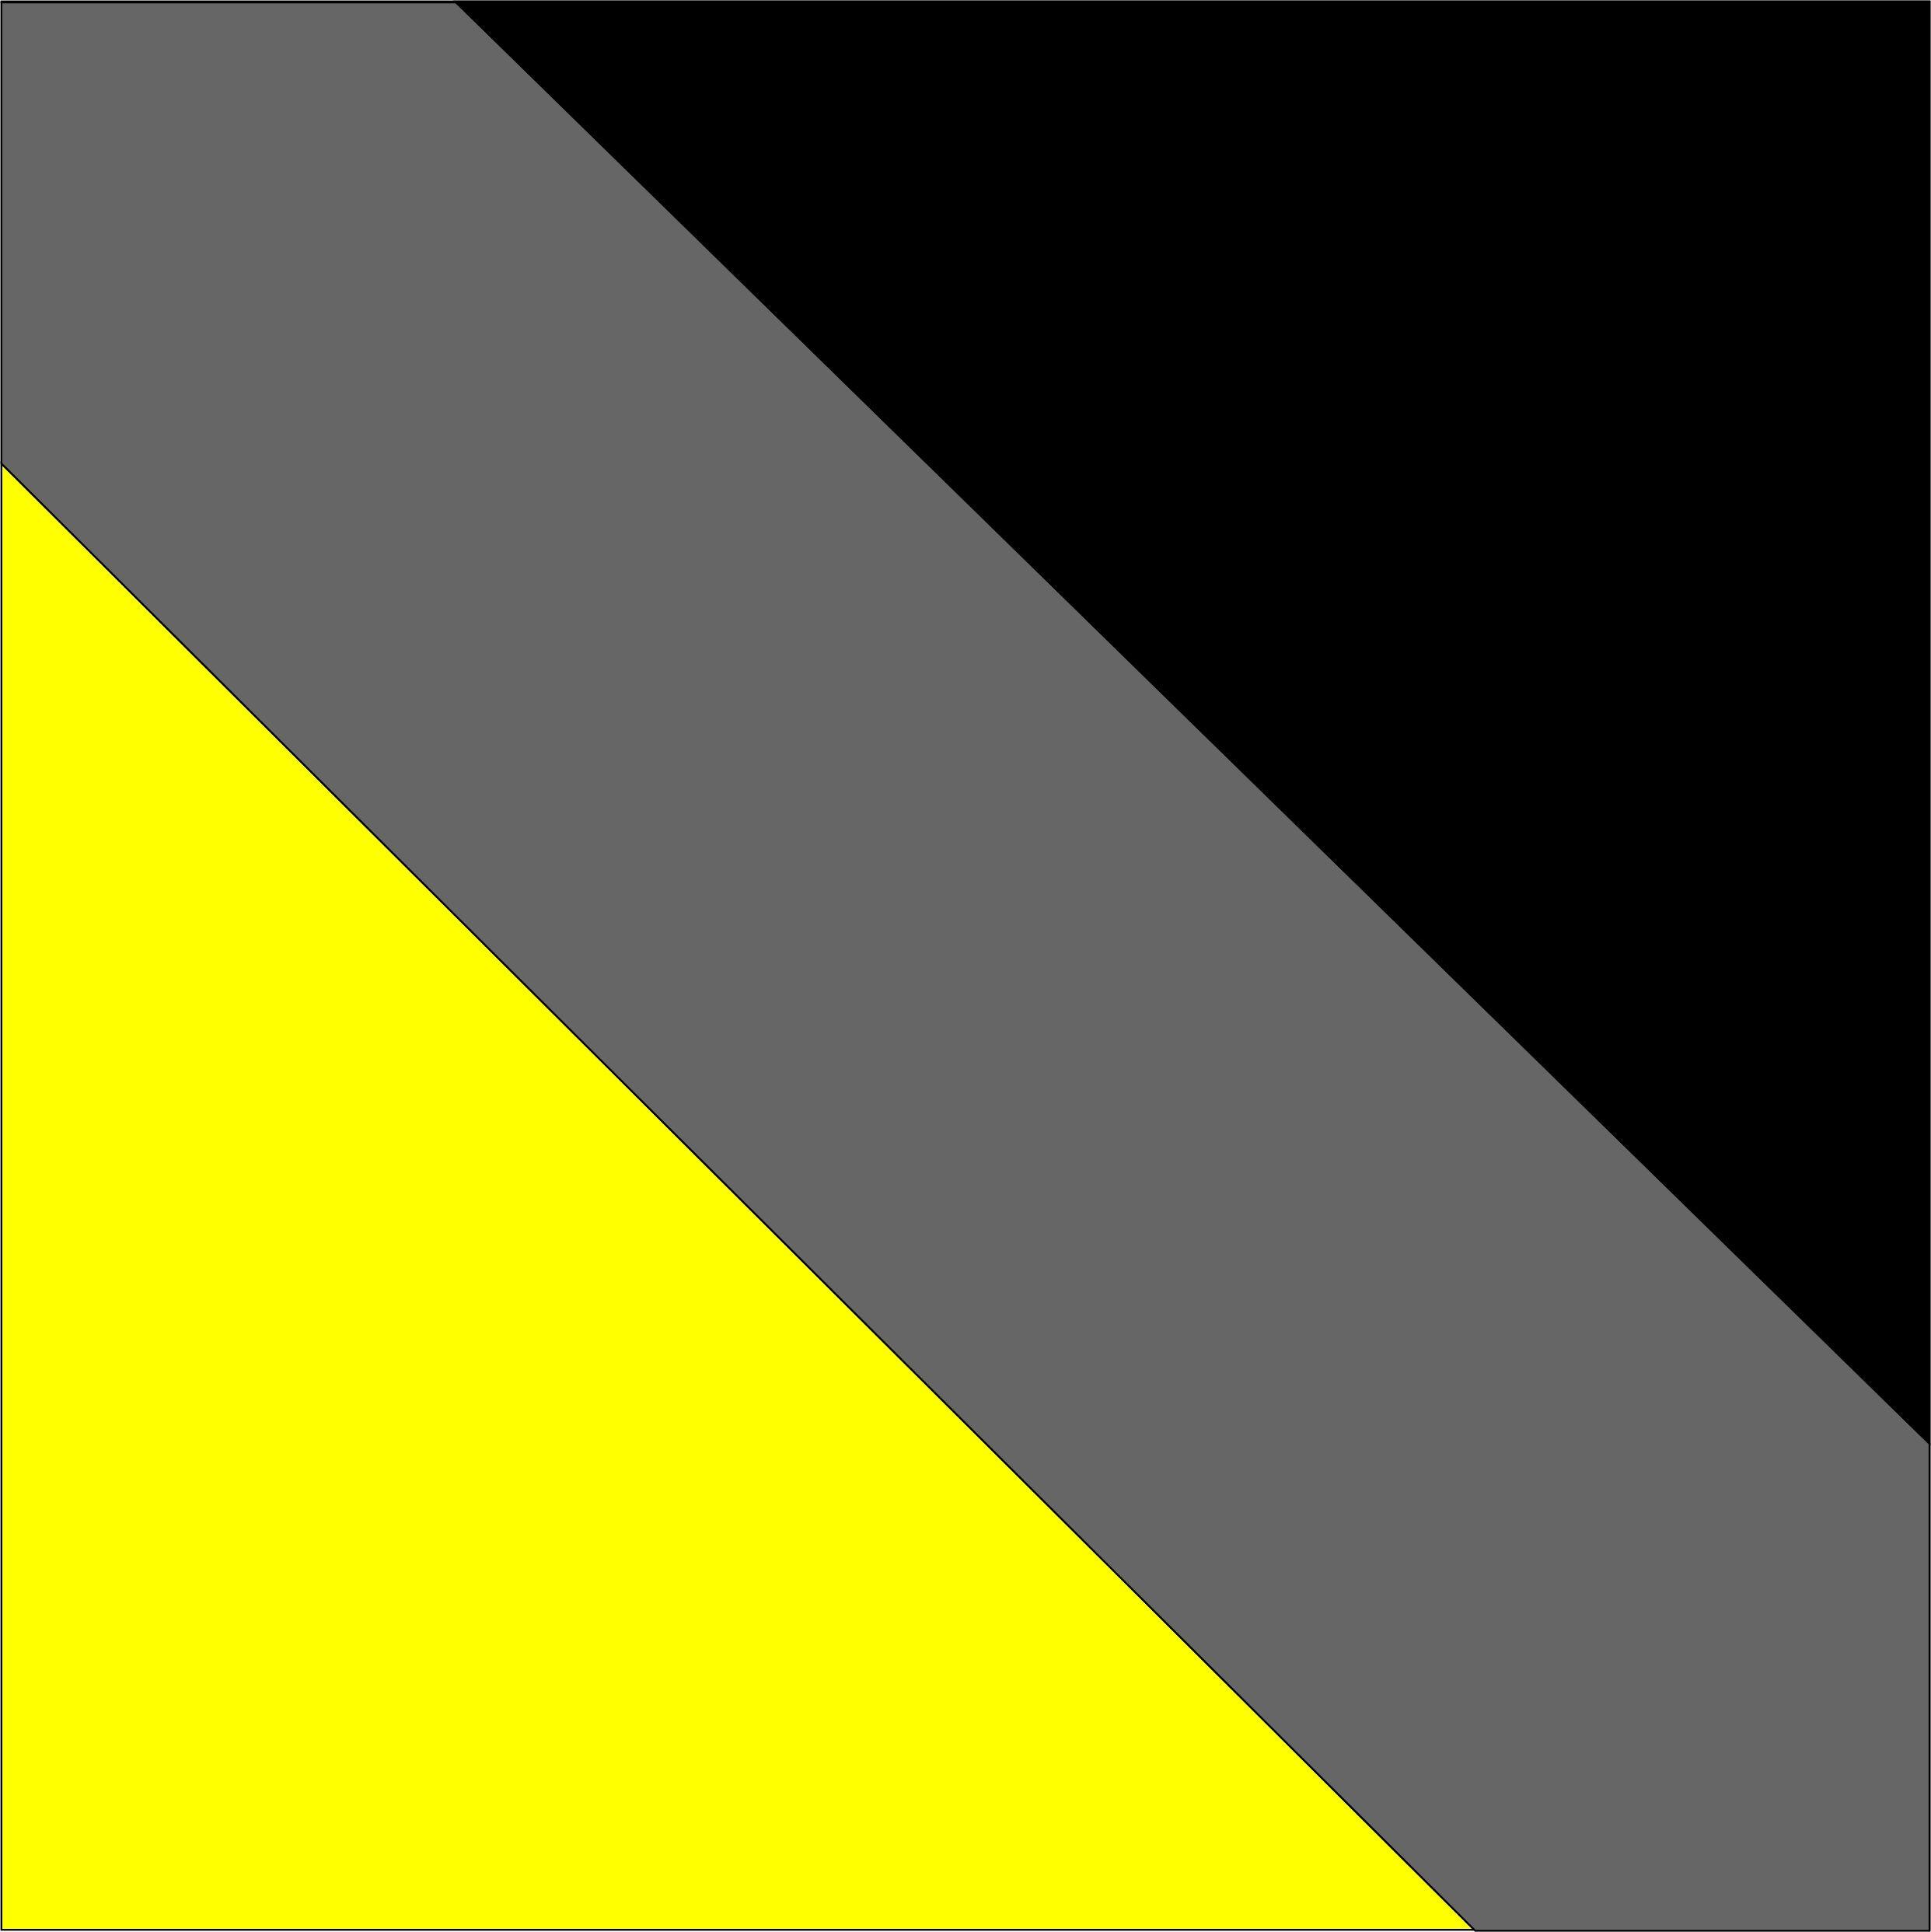 żółty/szary/czarny